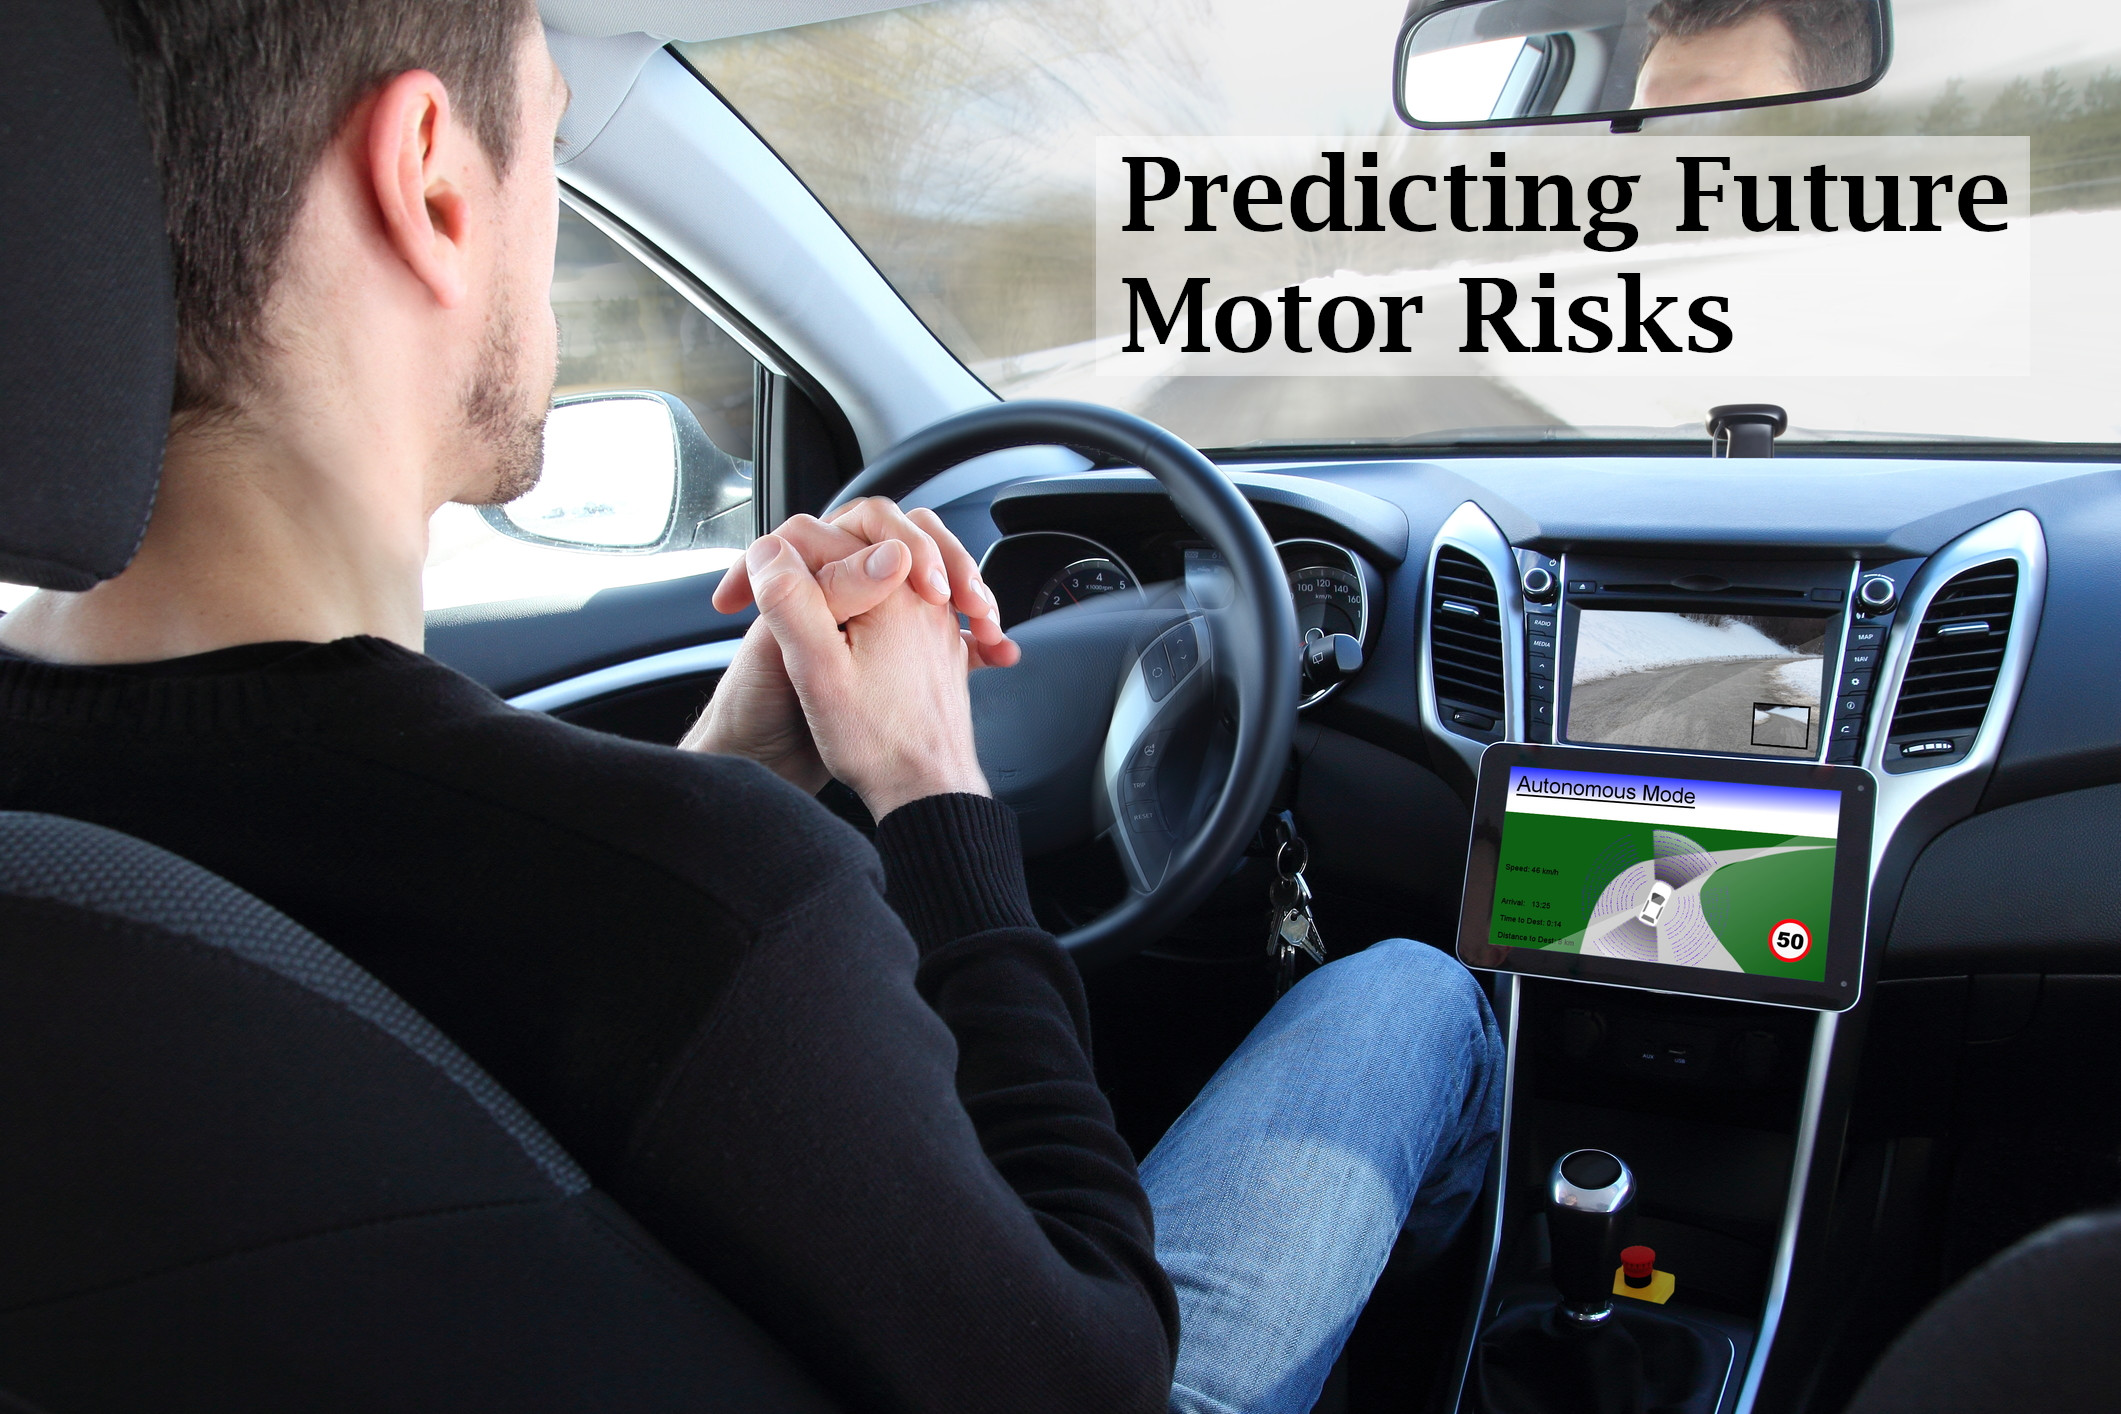 Man driving autonomous vehicle